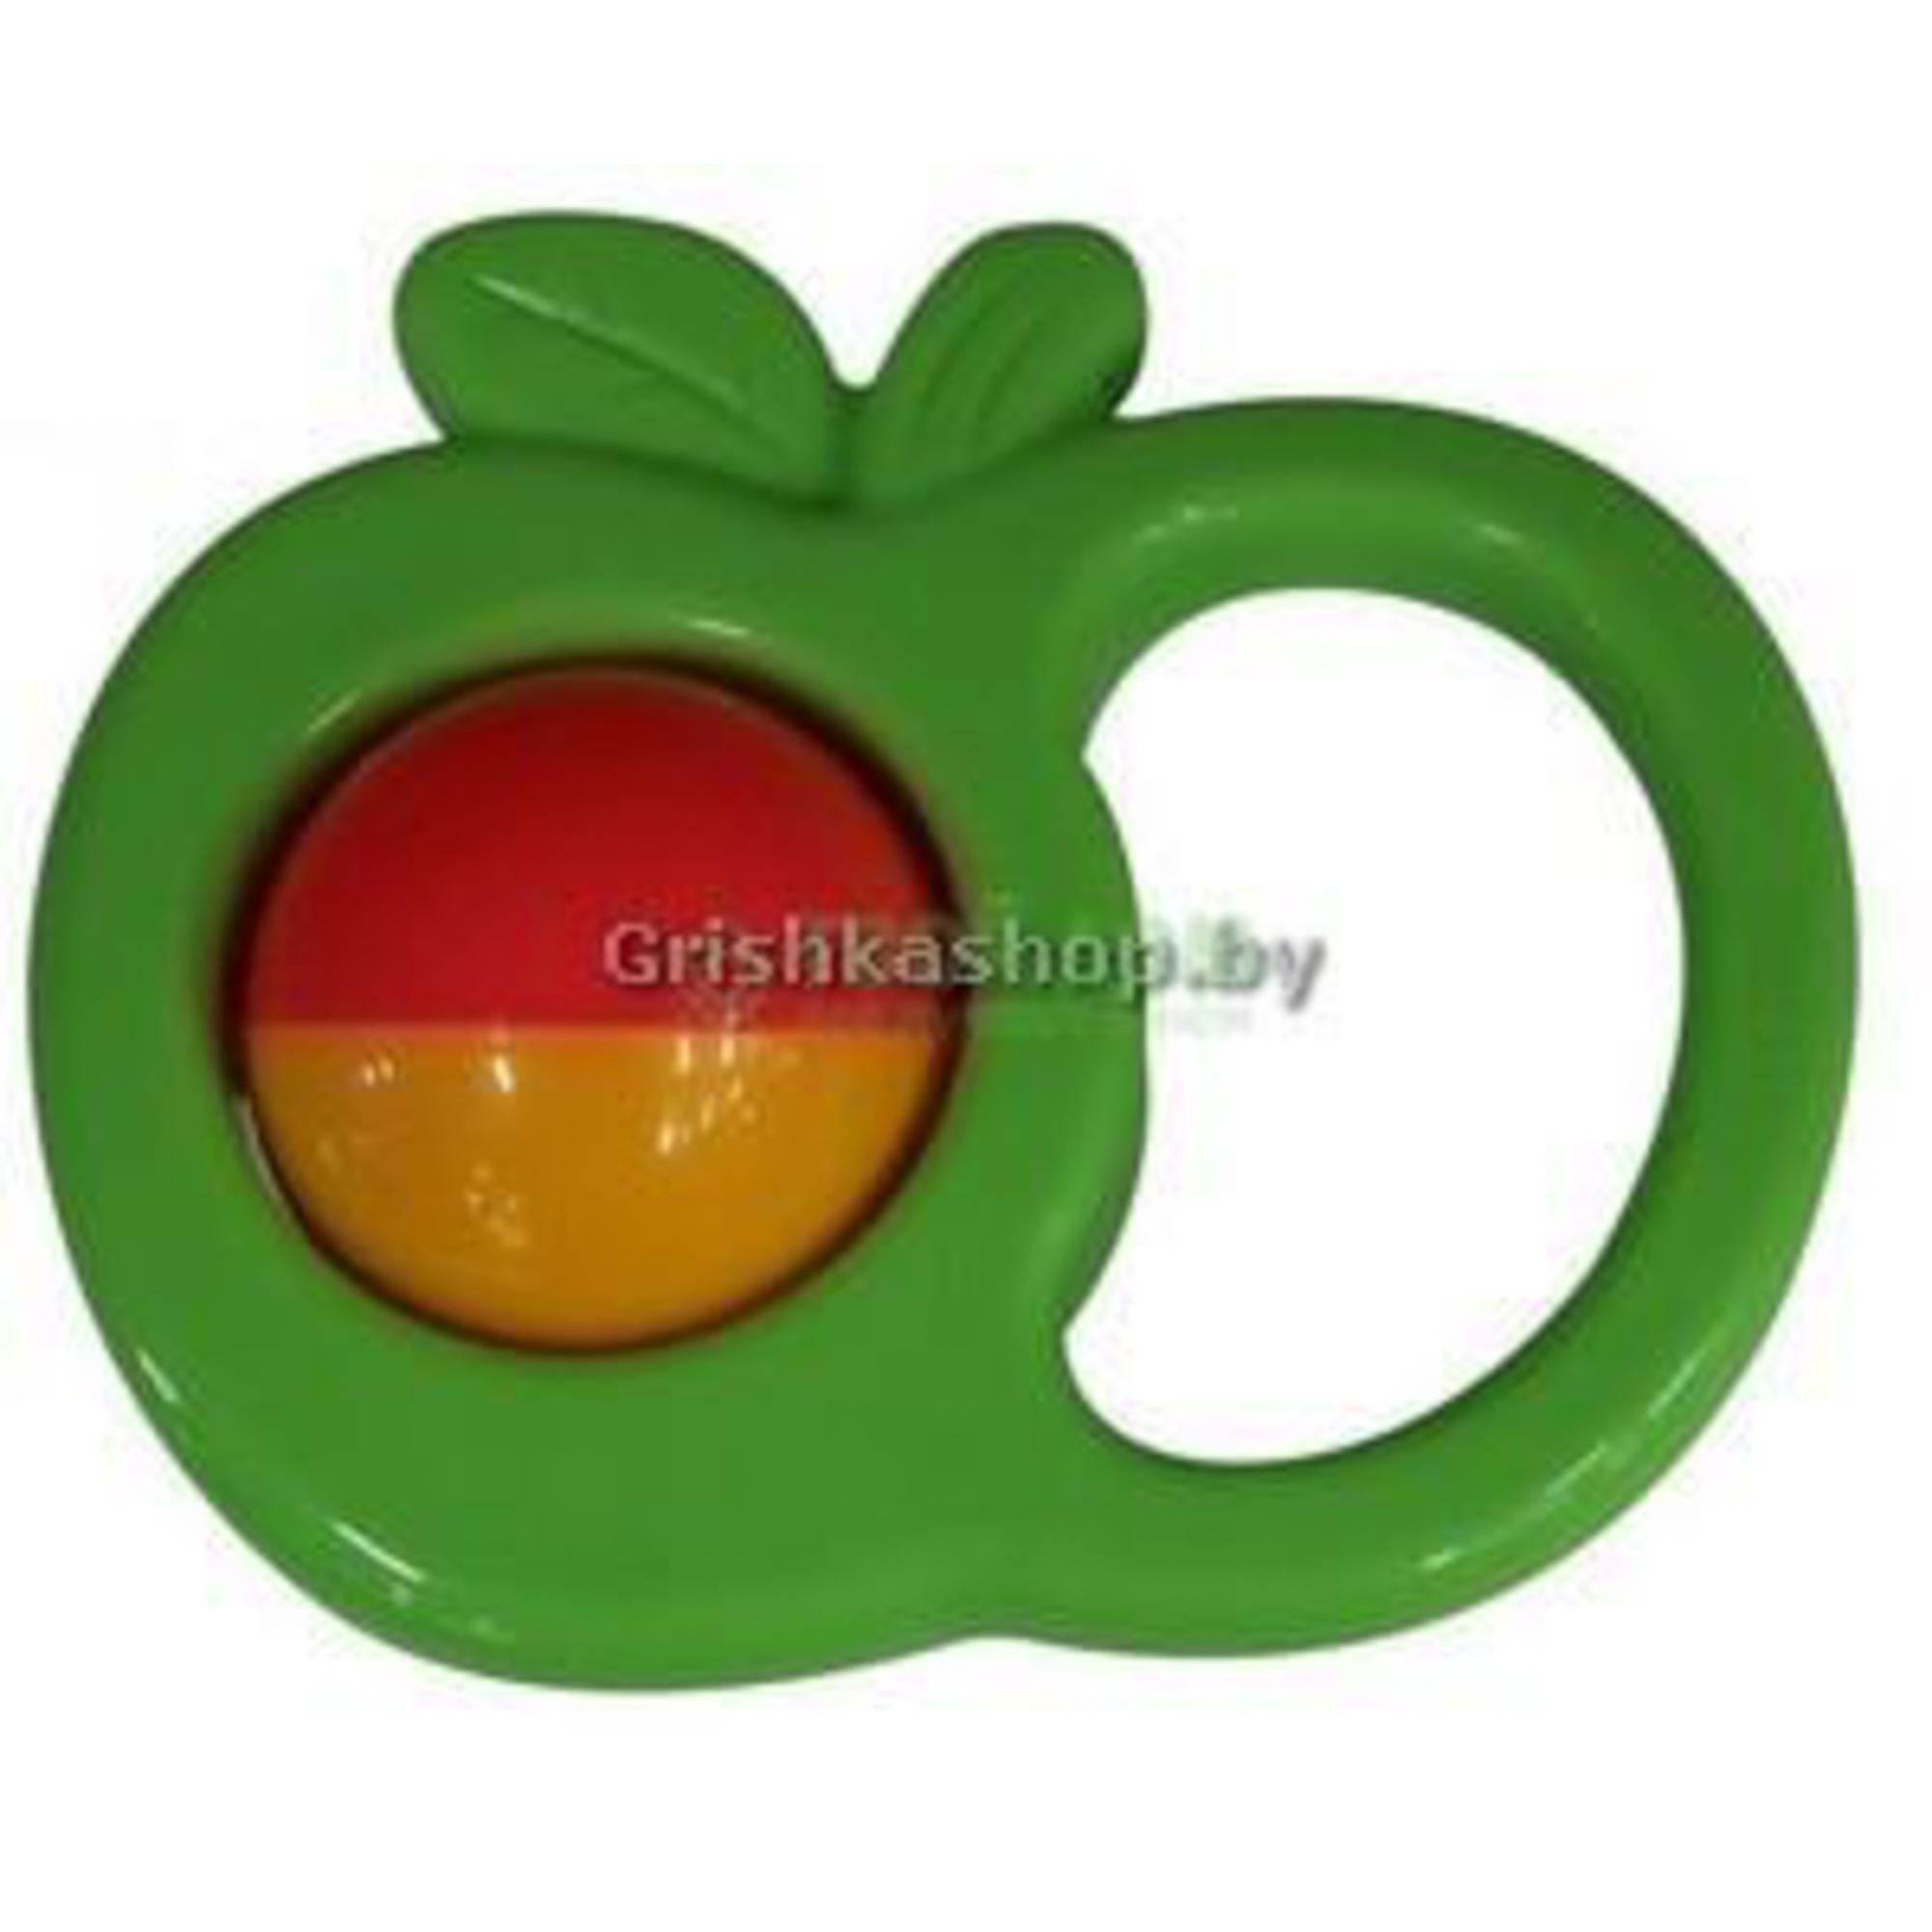 Купить Погремушка Полесье Погремушка яблоко, Беларусь, зеленый, желтый, красный, пластик, Игрушки для новорожденных